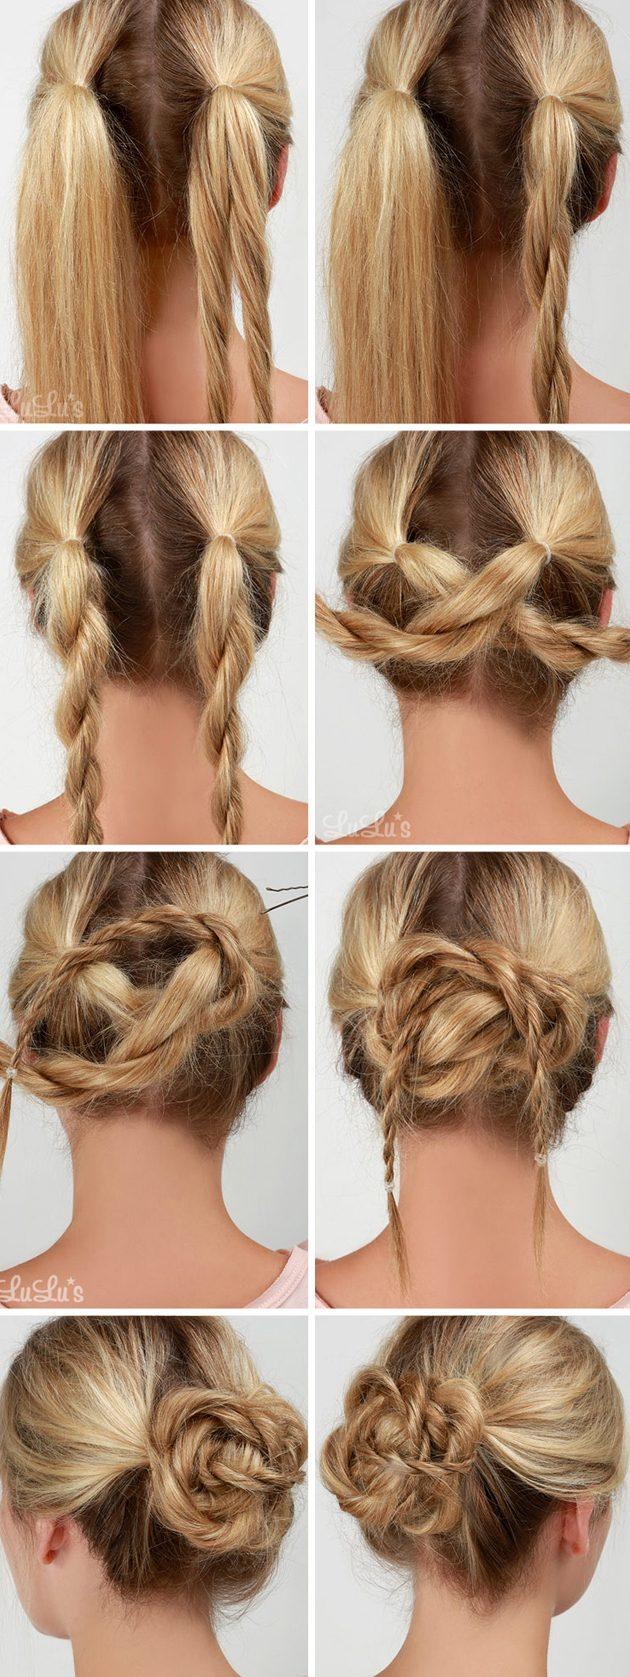 Причёски за 5 минут: узел из жгутов